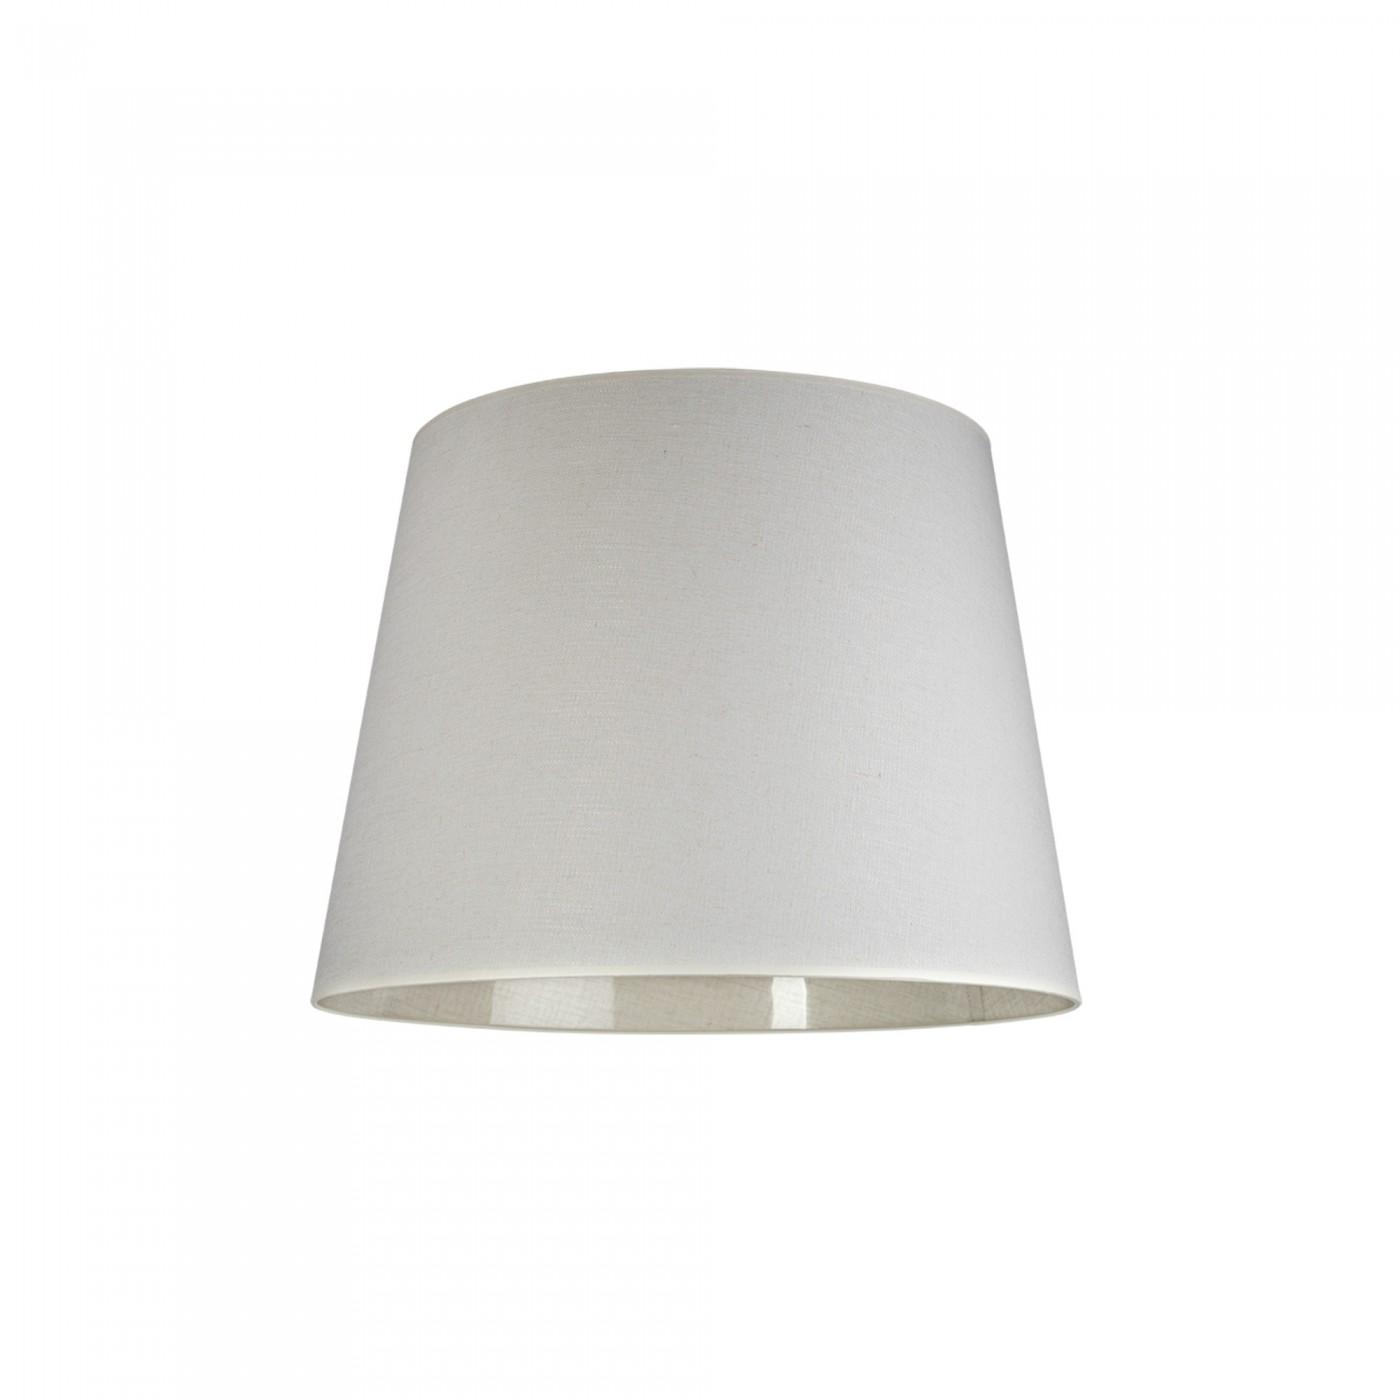 CAMELEON CONE M WH 8413 Nowodvorski Lighting